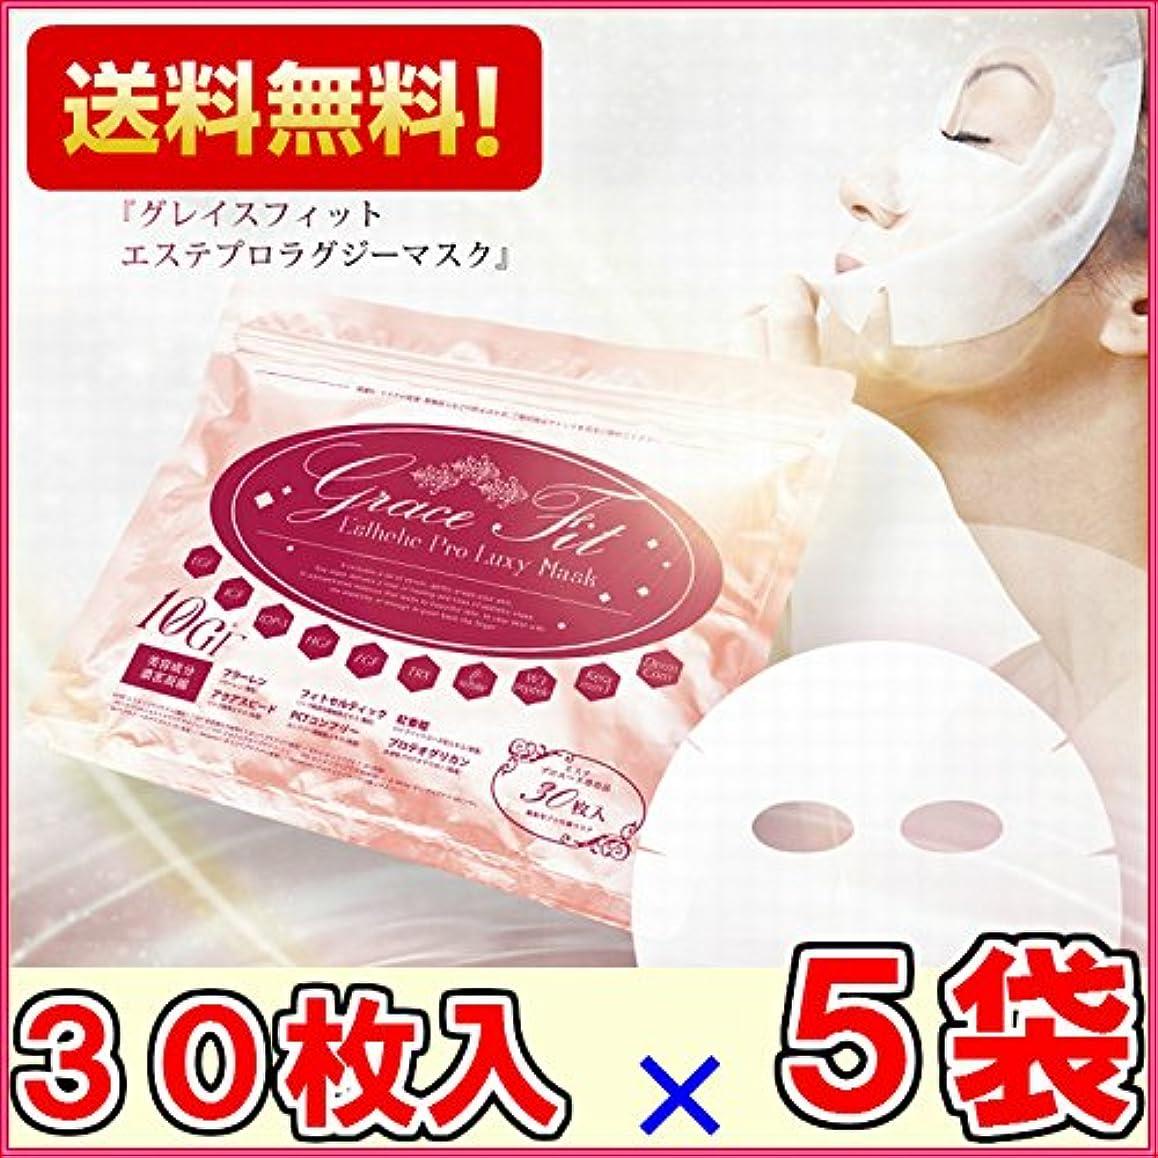 信念対応負荷グレイスフィット エステプロ ラグジーマスク 30枚入 ×超お得5袋セット《エッセンスマスク、EGF、IGF、ヒアルロン酸、プラセンタ、アルブチン、カタツムリエキス、しみ、しわ》